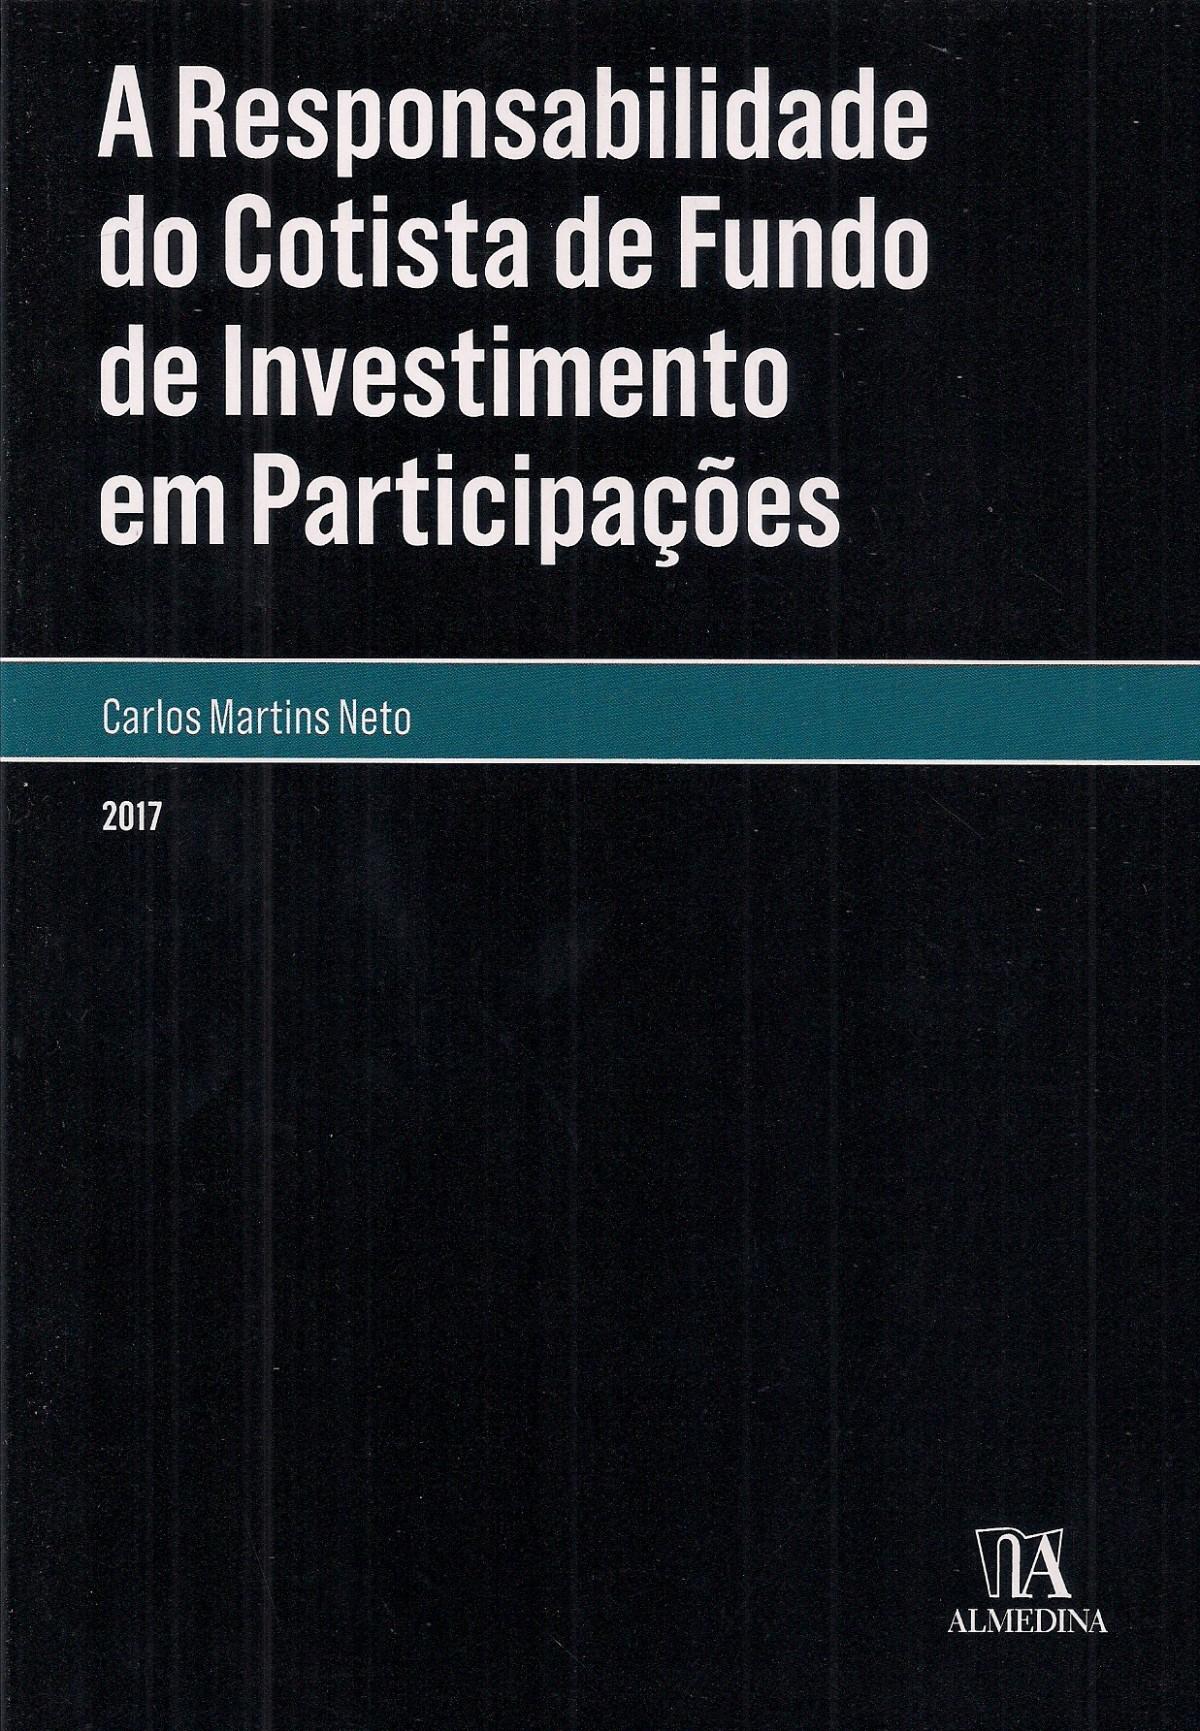 Foto 1 - A Responsabilidade do Cotista de Fundo de Investimento em Participações